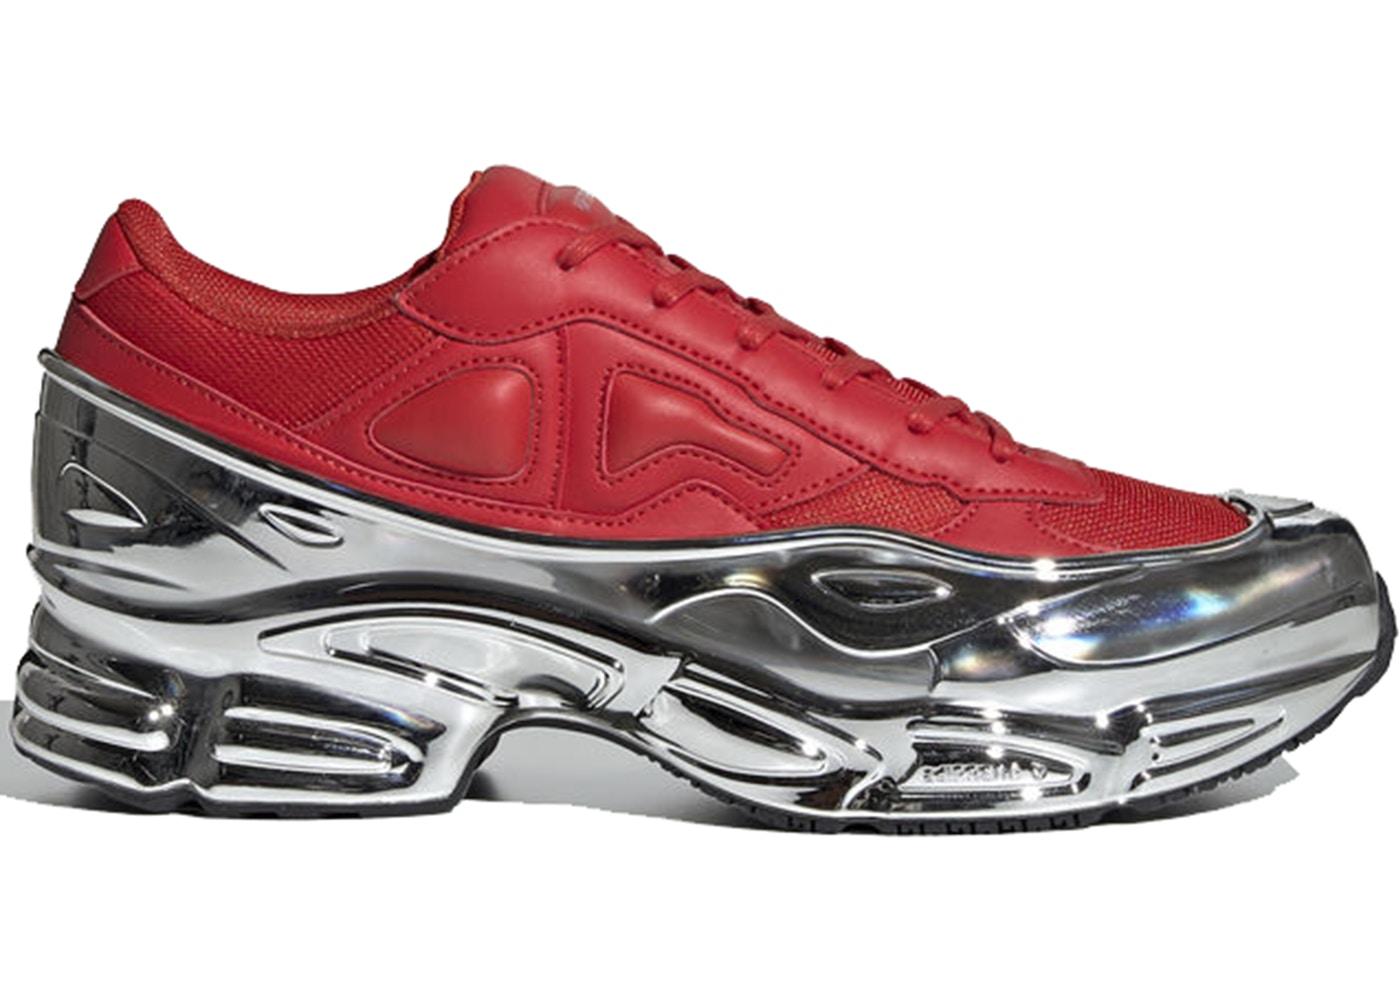 quality design 60fda f06a7 adidas Ozweego Raf Simons Red Silver Metallic